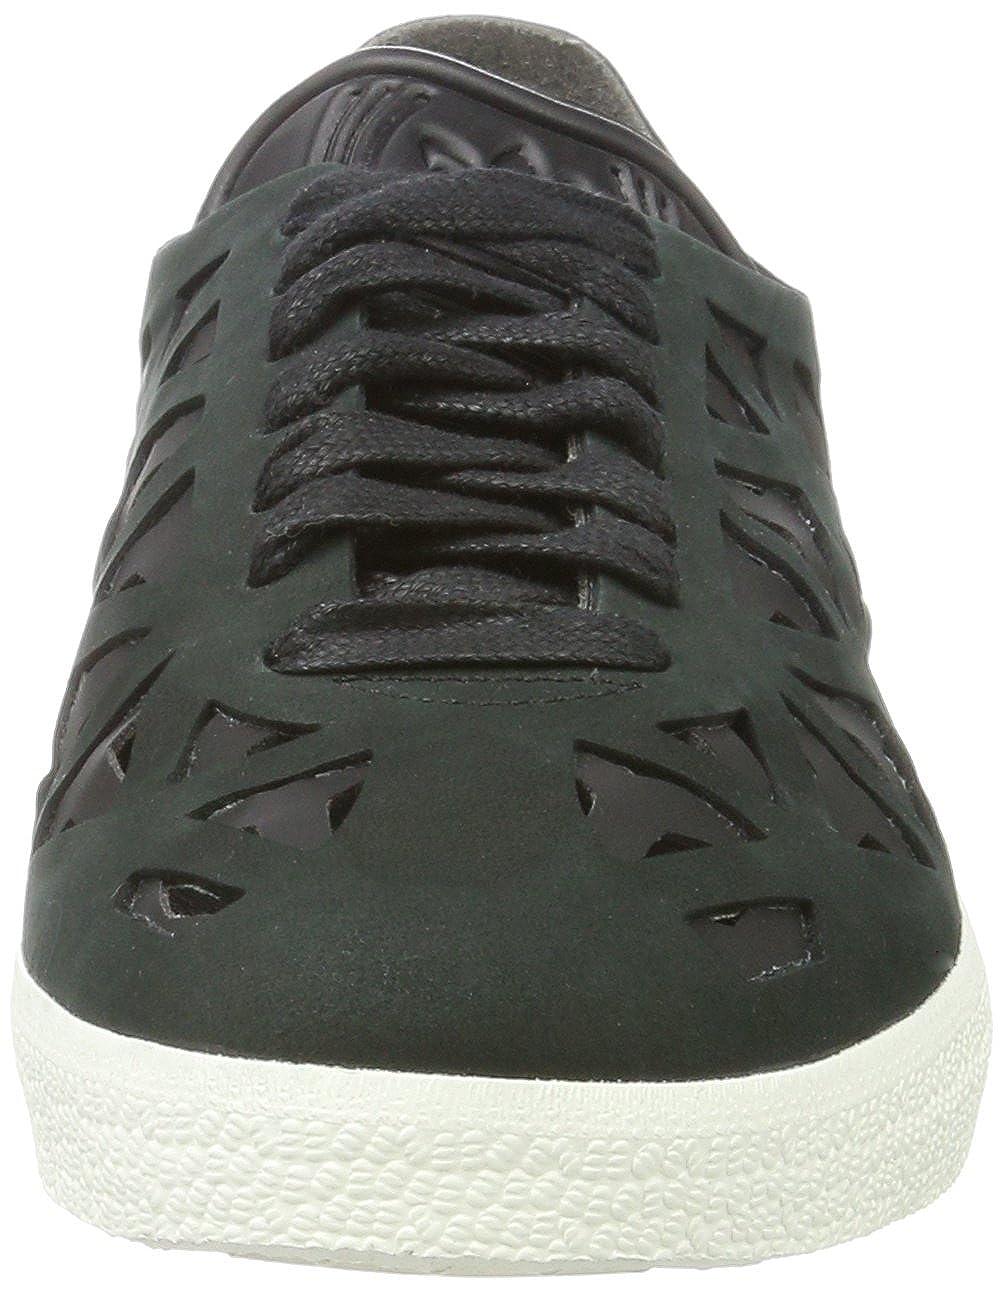 half off 39e1a d9fbe adidas Damen Gazelle Cutout Sneaker Amazon.de Schuhe  Handta